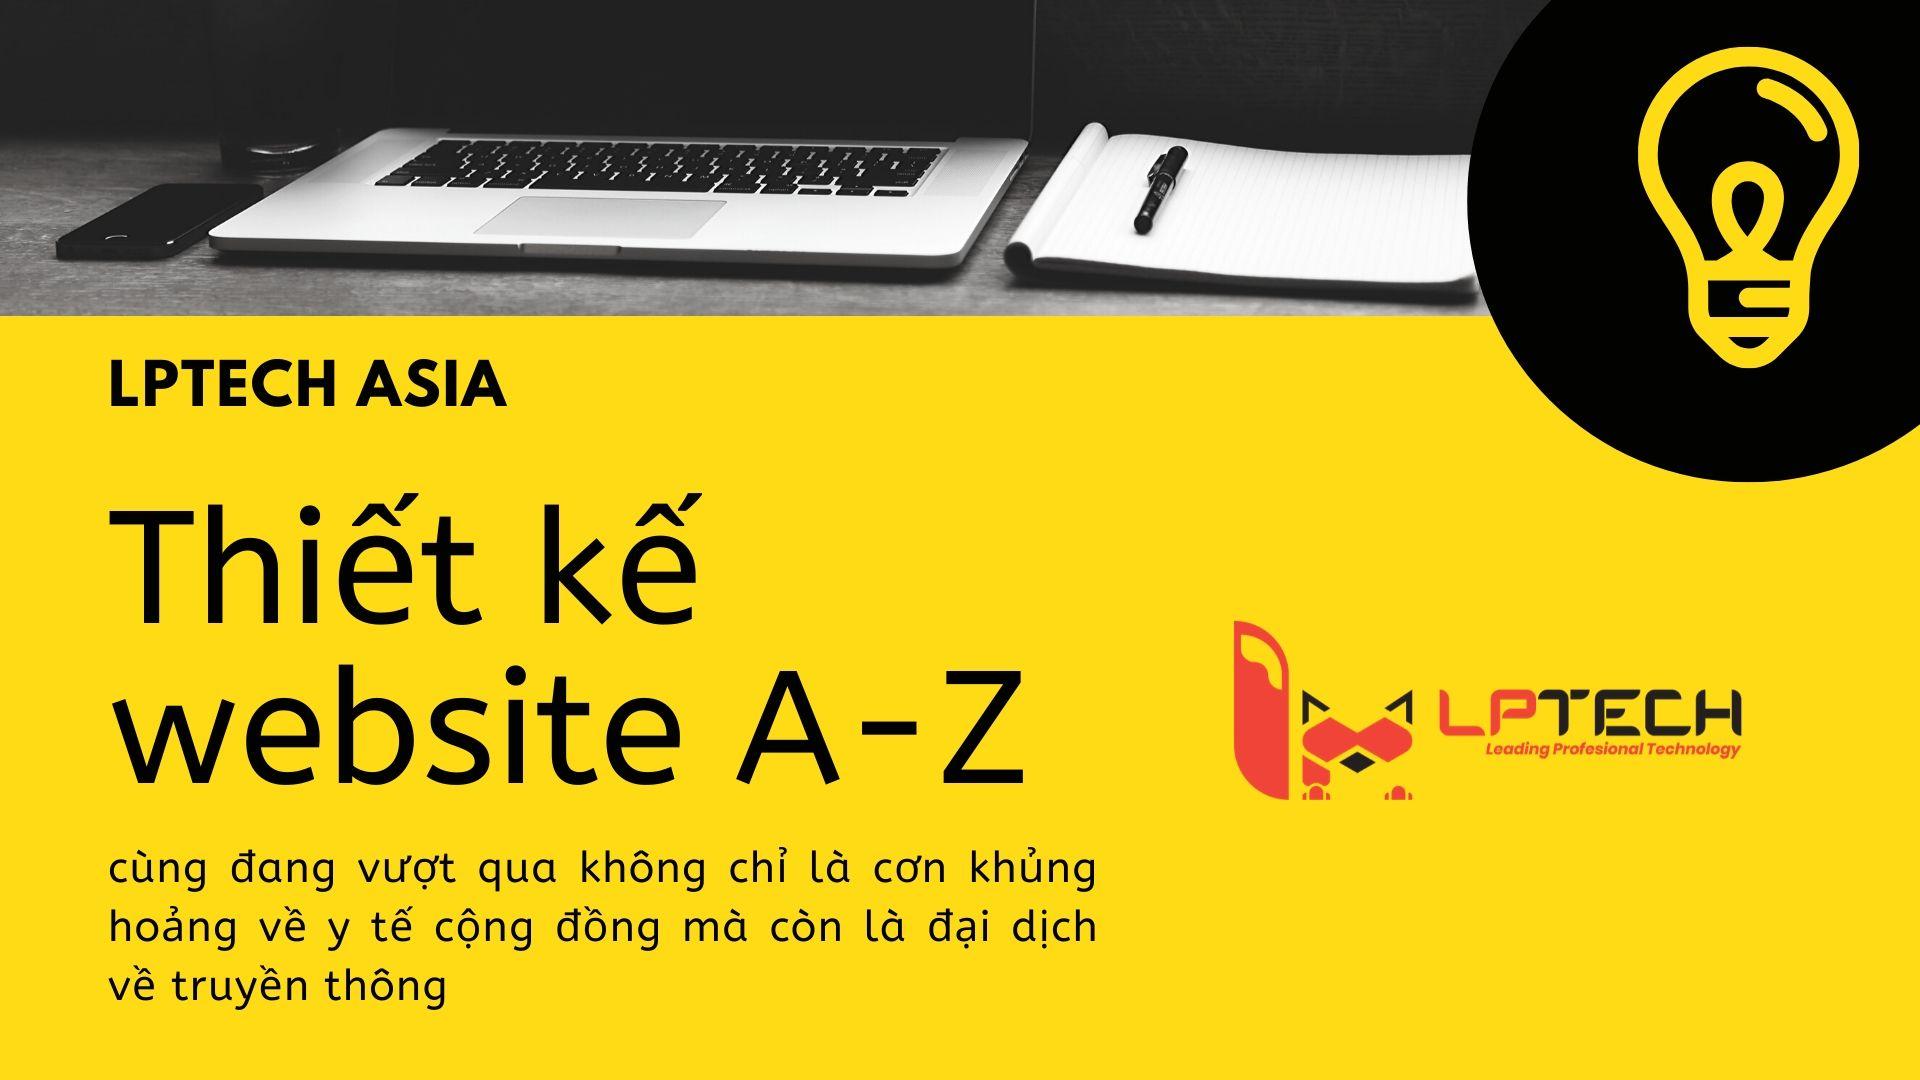 LPTech Asia thiết kế website từ A đến Z